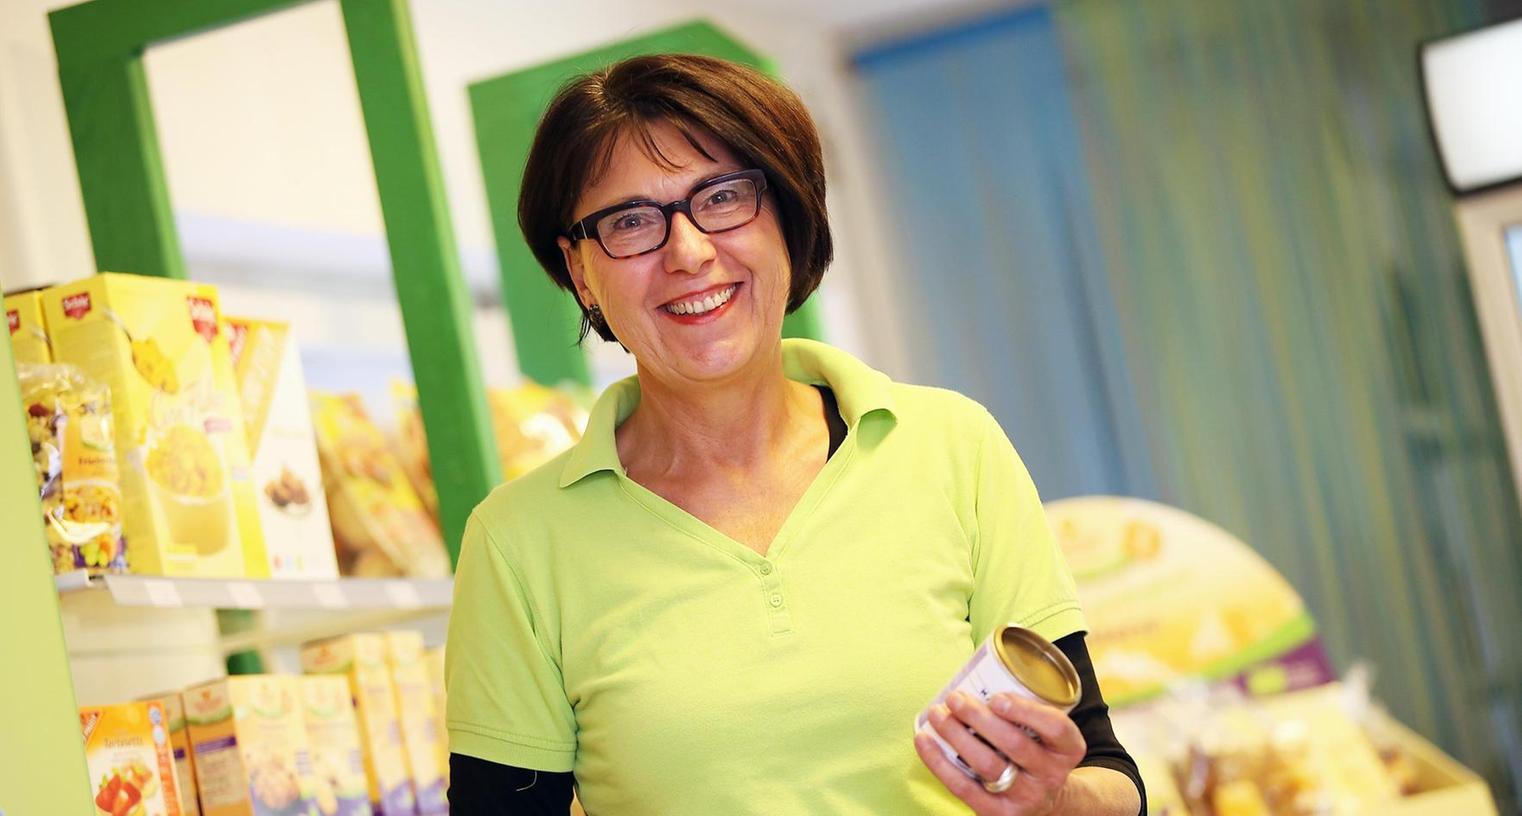 Die Betreiberin des Reformhauses, Ursula Dorweiler. Glutenfreie Nahrungsmittel sind zurzeit ebenso ein Verkaufserfolg wie Matchatee und Maqui-Beeren.